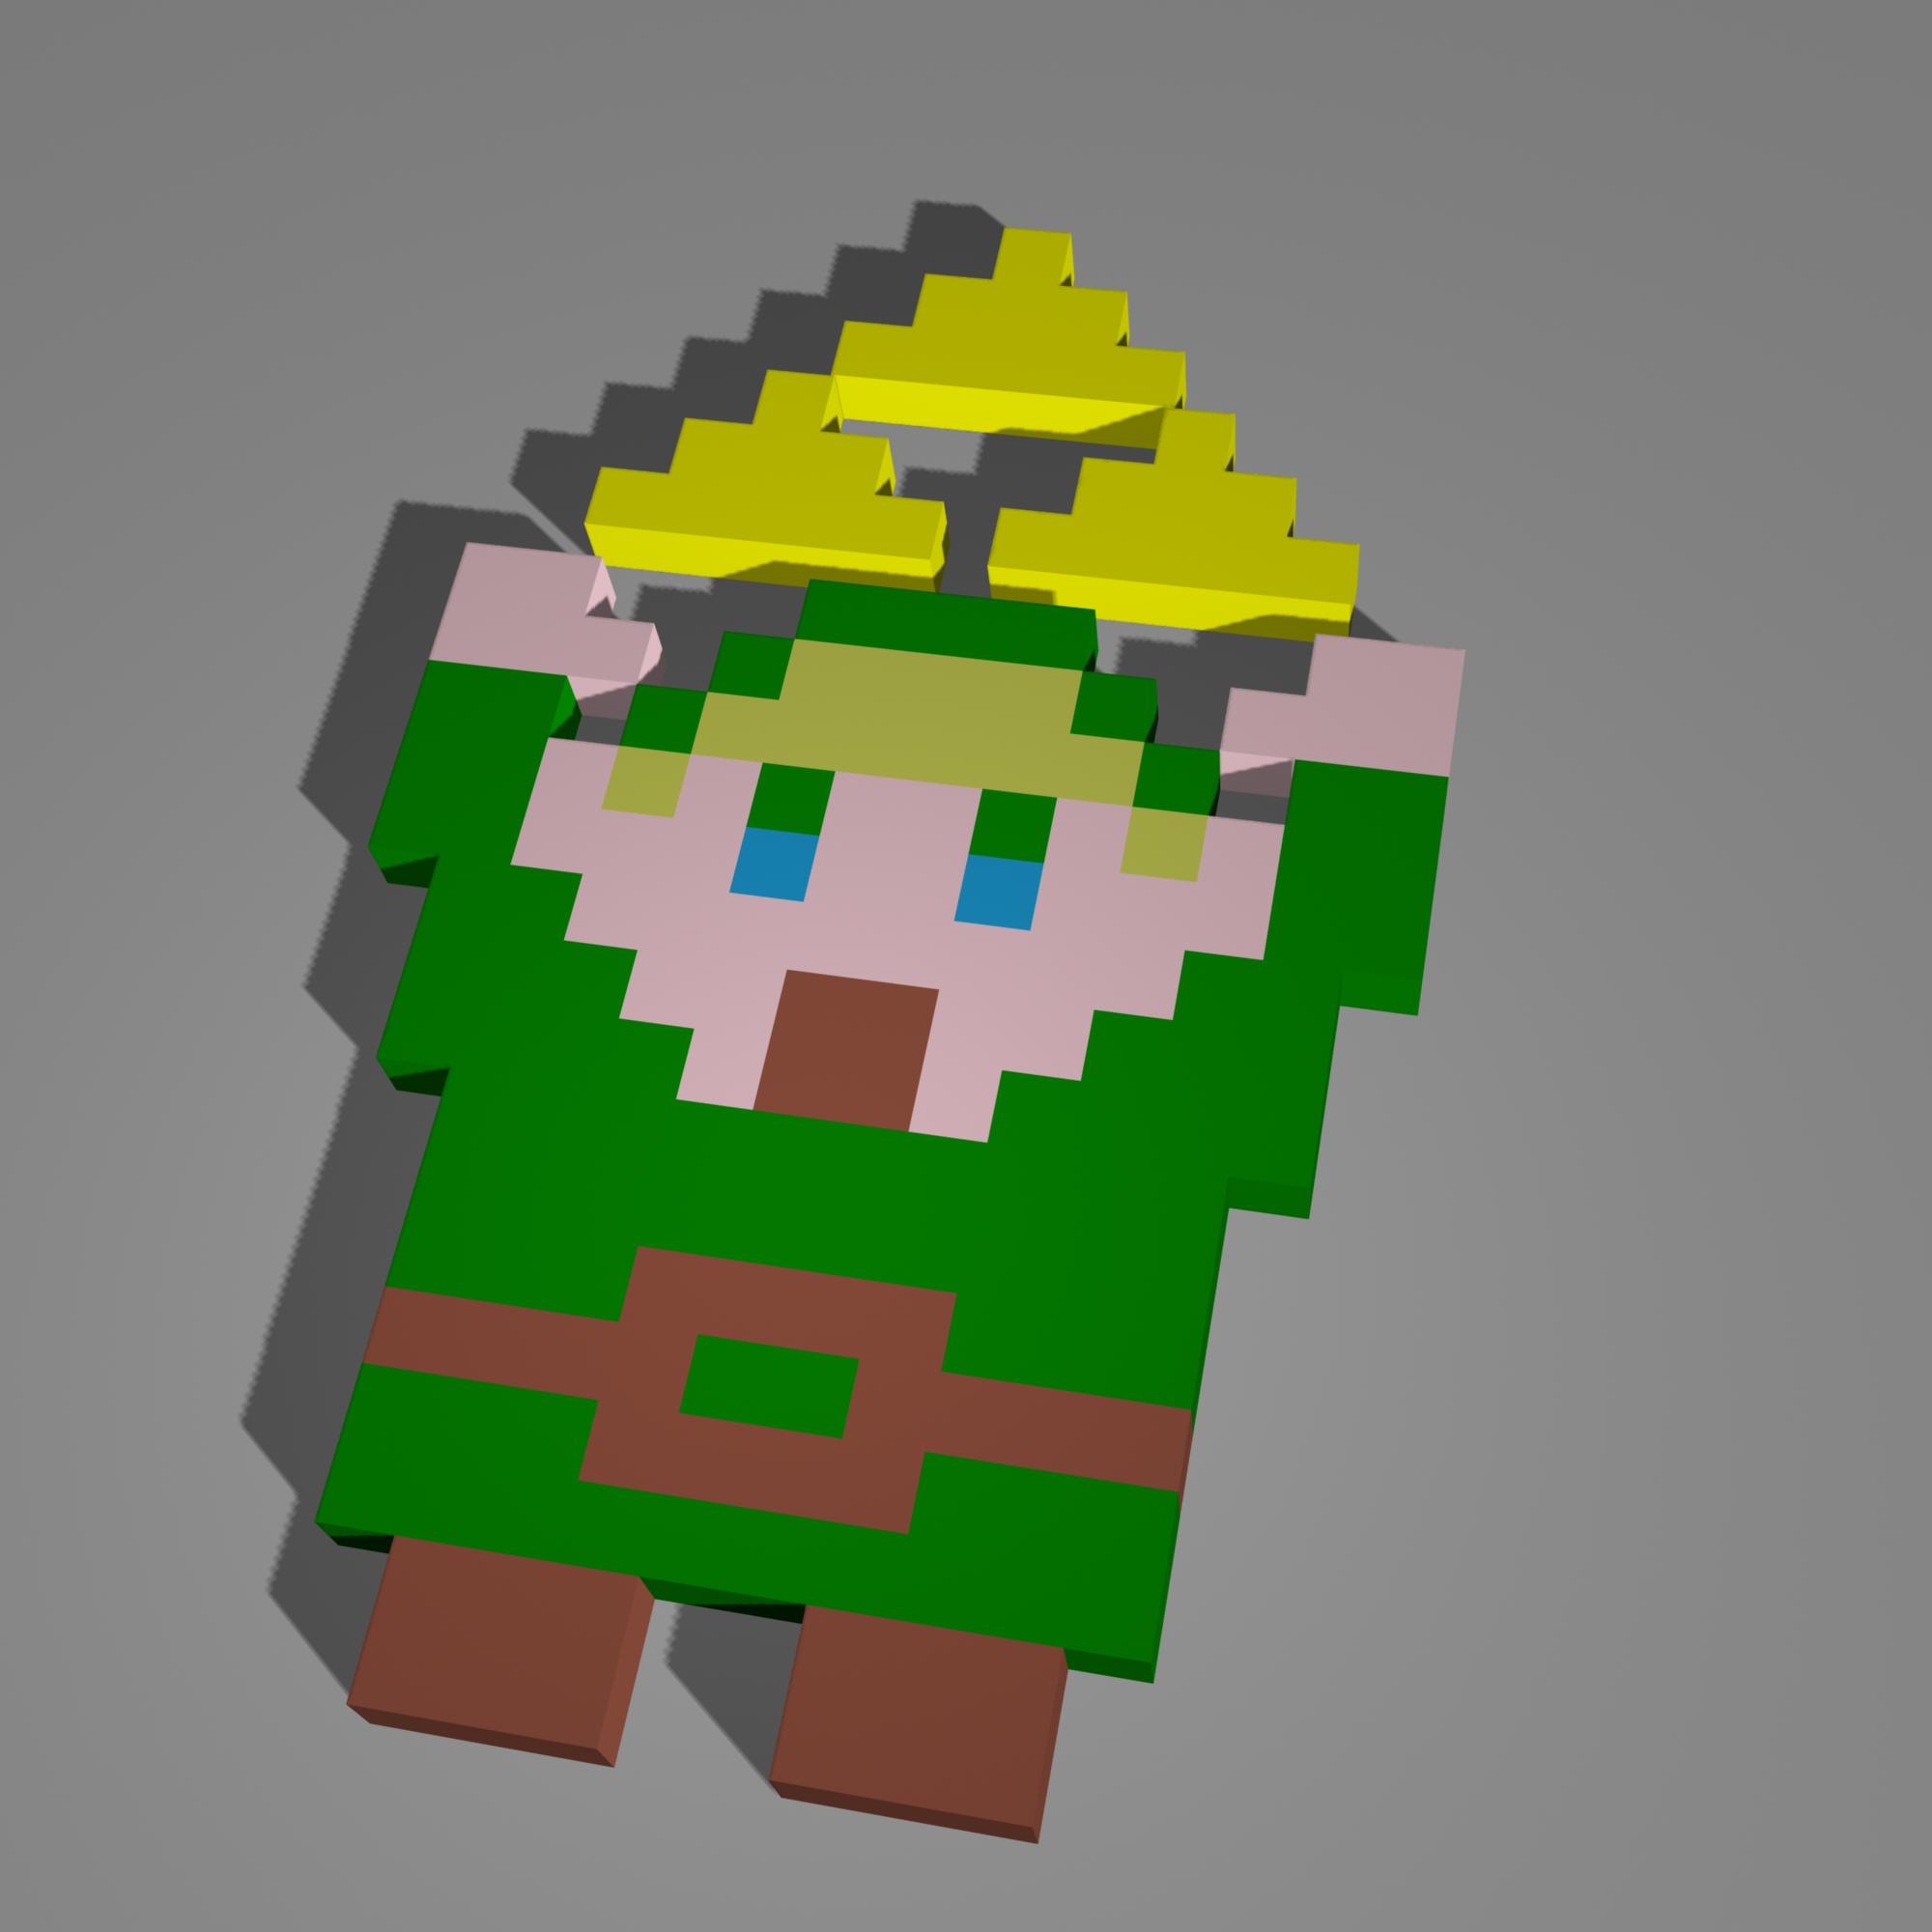 Link 3D Pixel Art